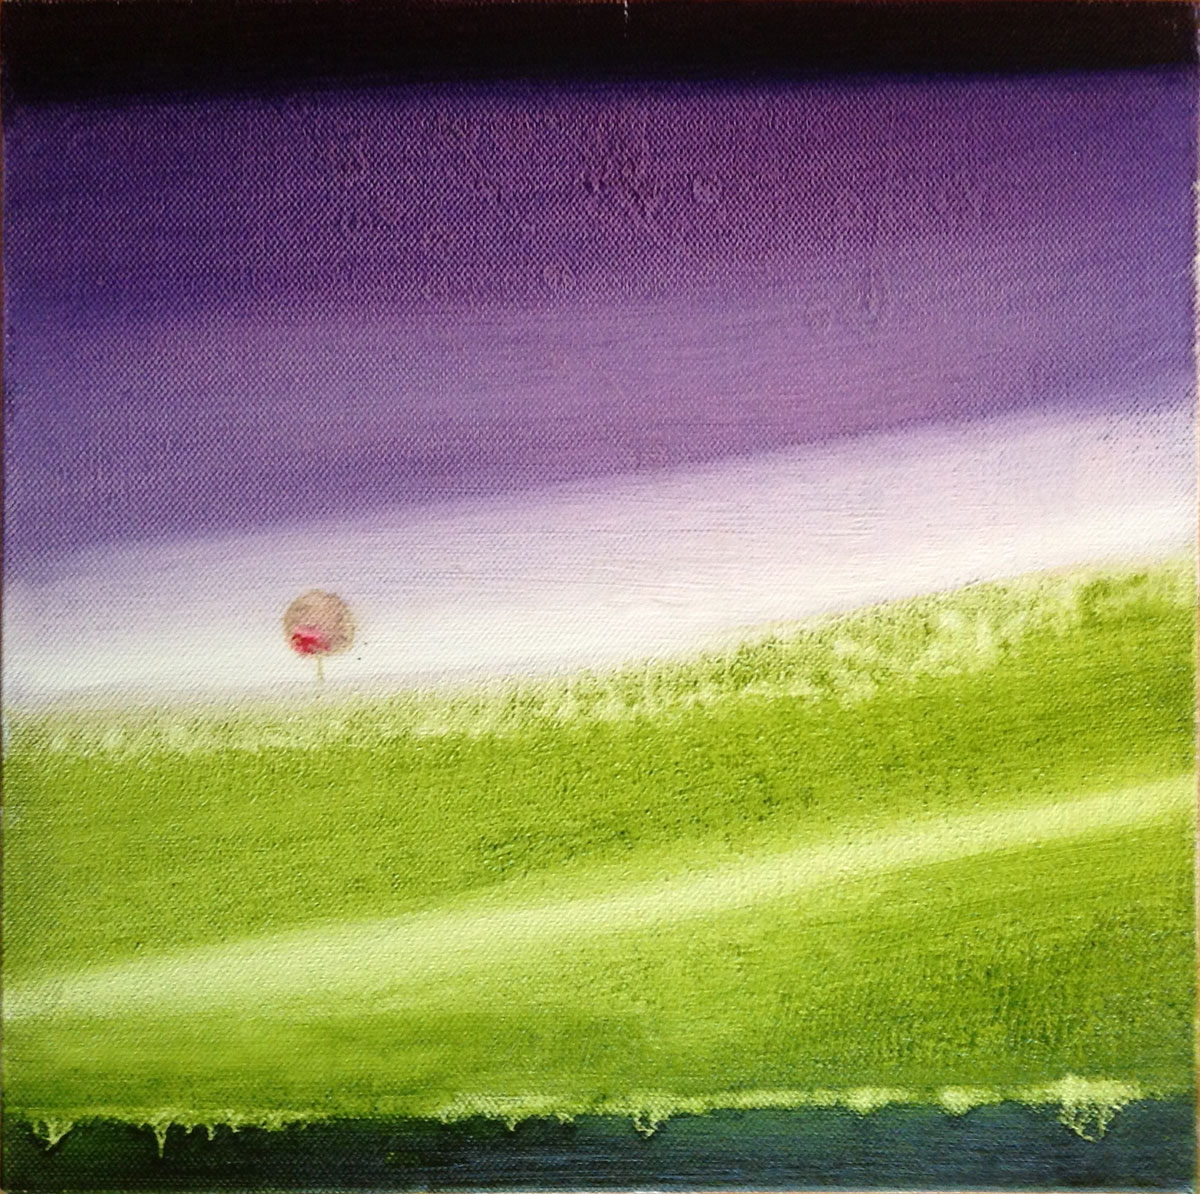 Giuliana Donati – Paesaggio in viola